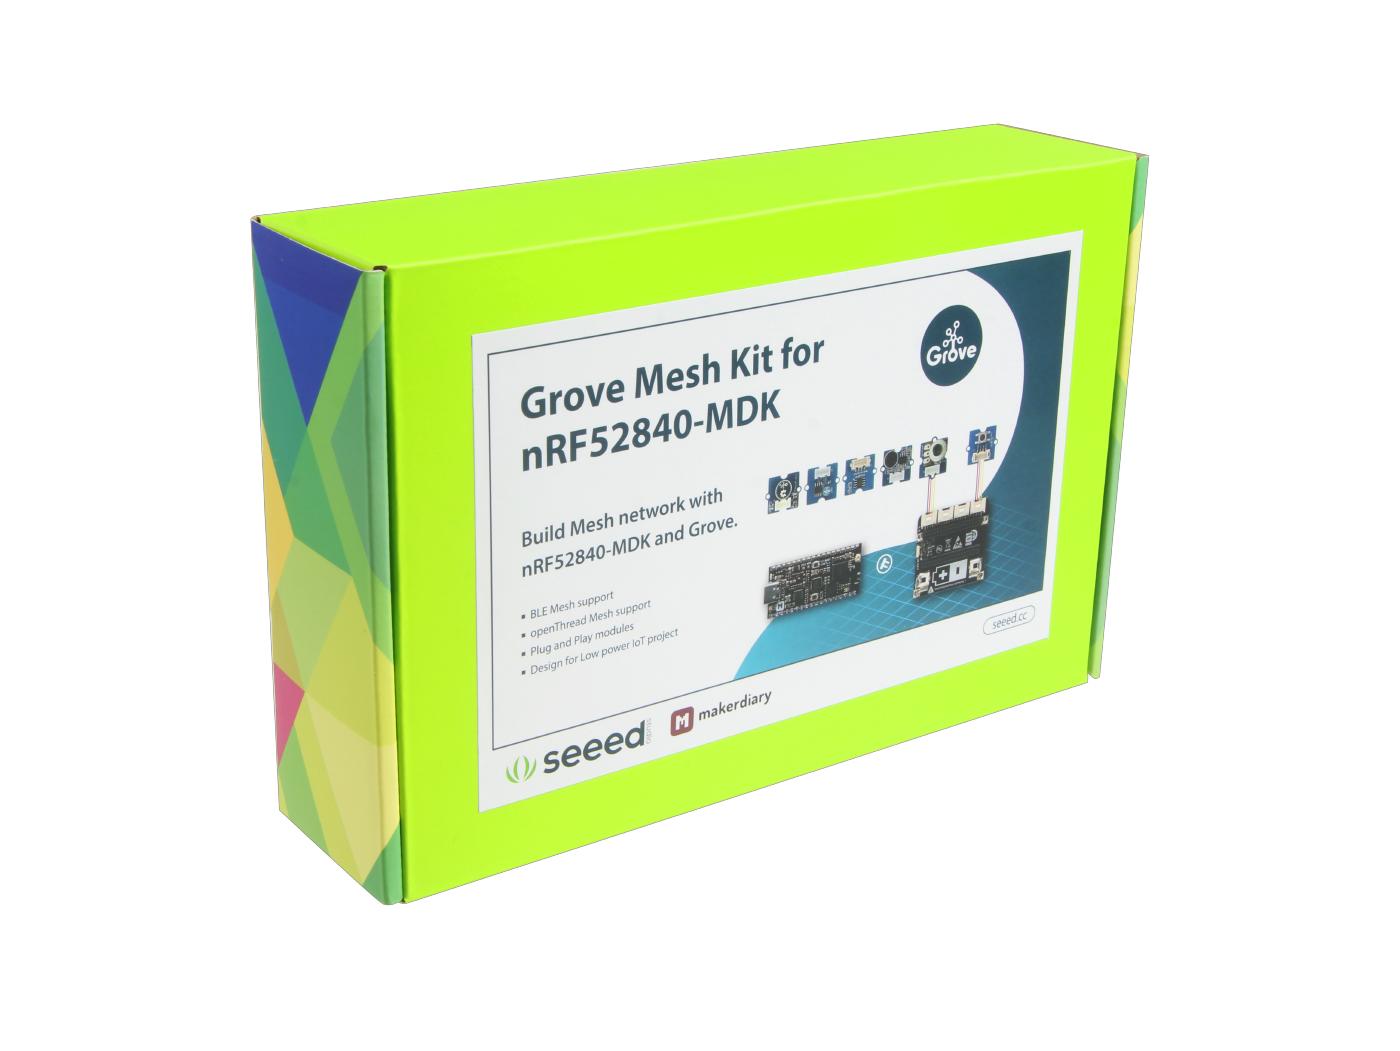 Grove Mesh Kit for nRF52840-MDK